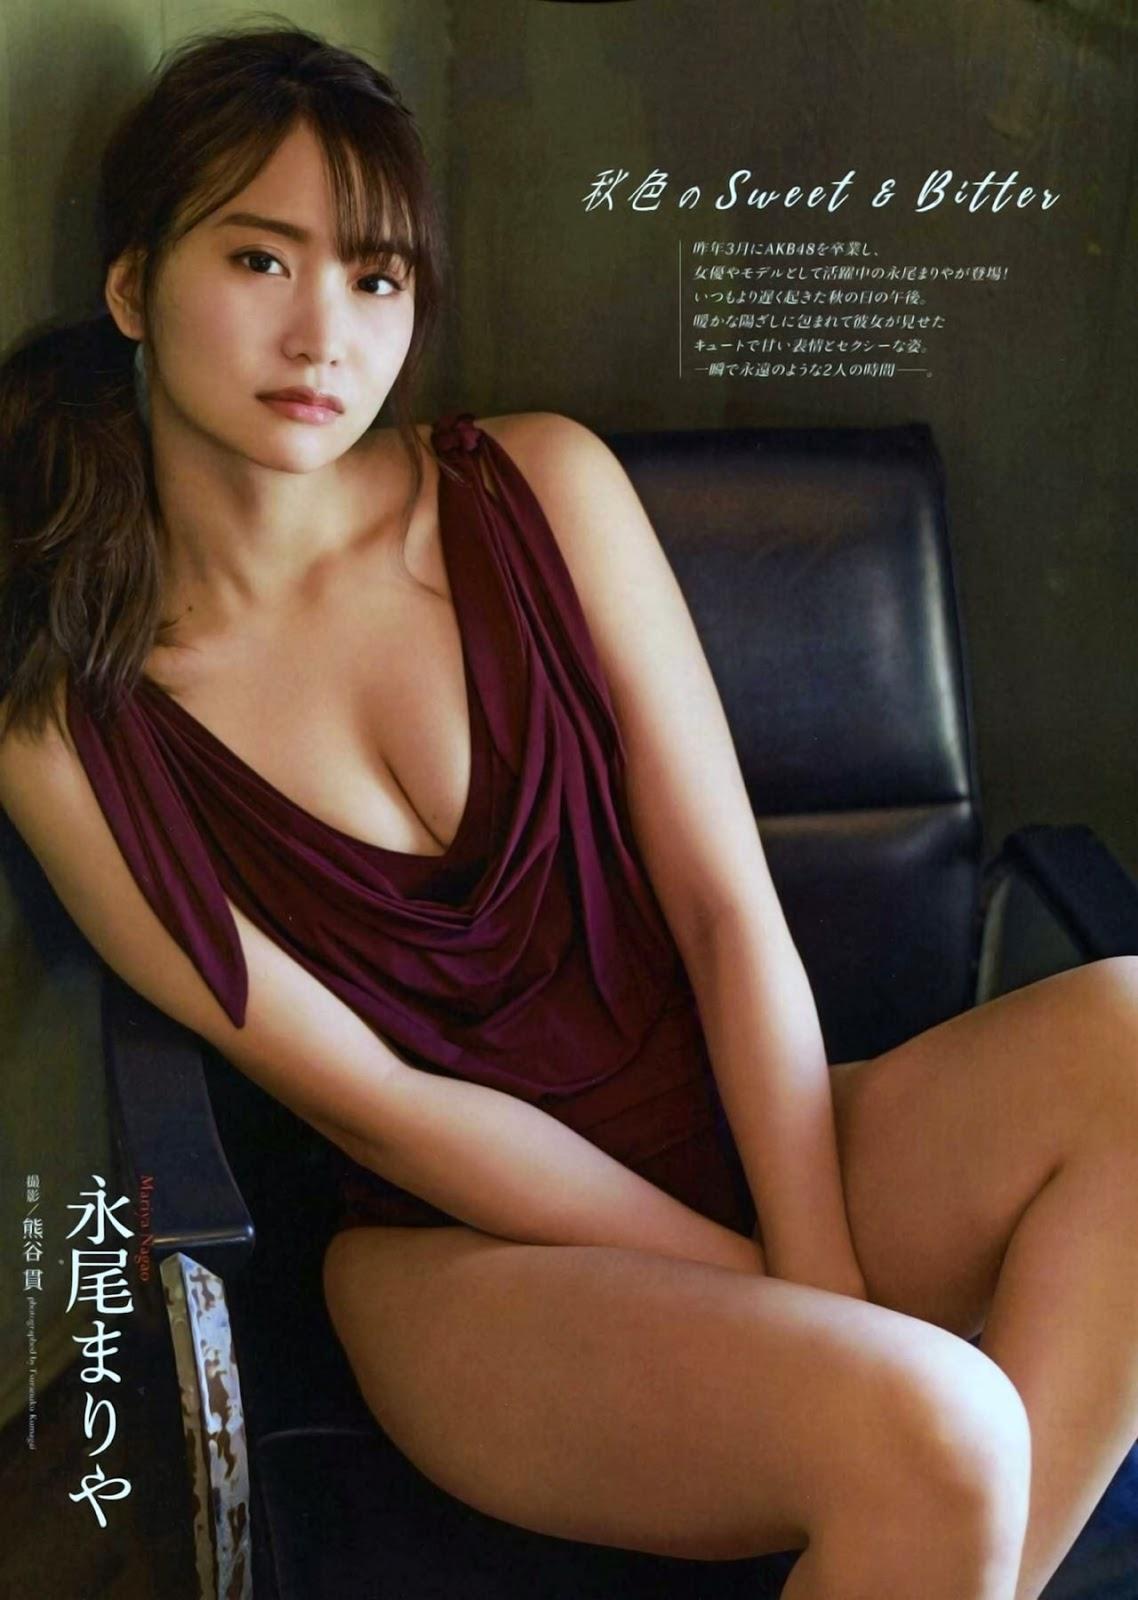 Nagao Mariya 永尾まりや, ENTAME 2018 No.01 (月刊エンタメ 2018年01月号)